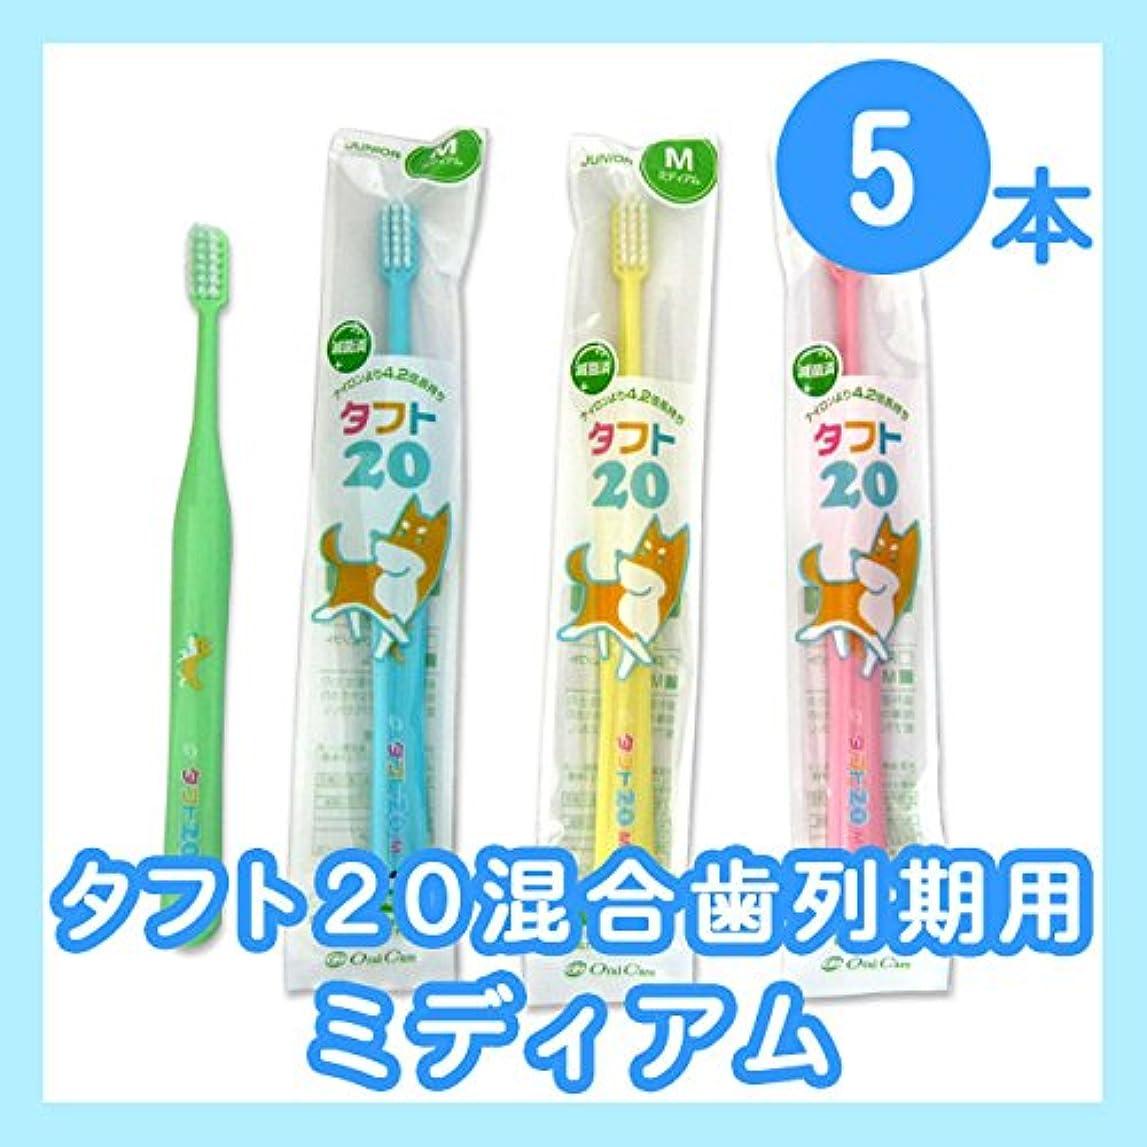 にはまってアヒルメッシュタフト20 5本 オーラルケア タフト20/ミディアム 混合歯列期用(6~12歳)こども歯ブラシ 5本セット 子供 歯ブラシ【 ピンク